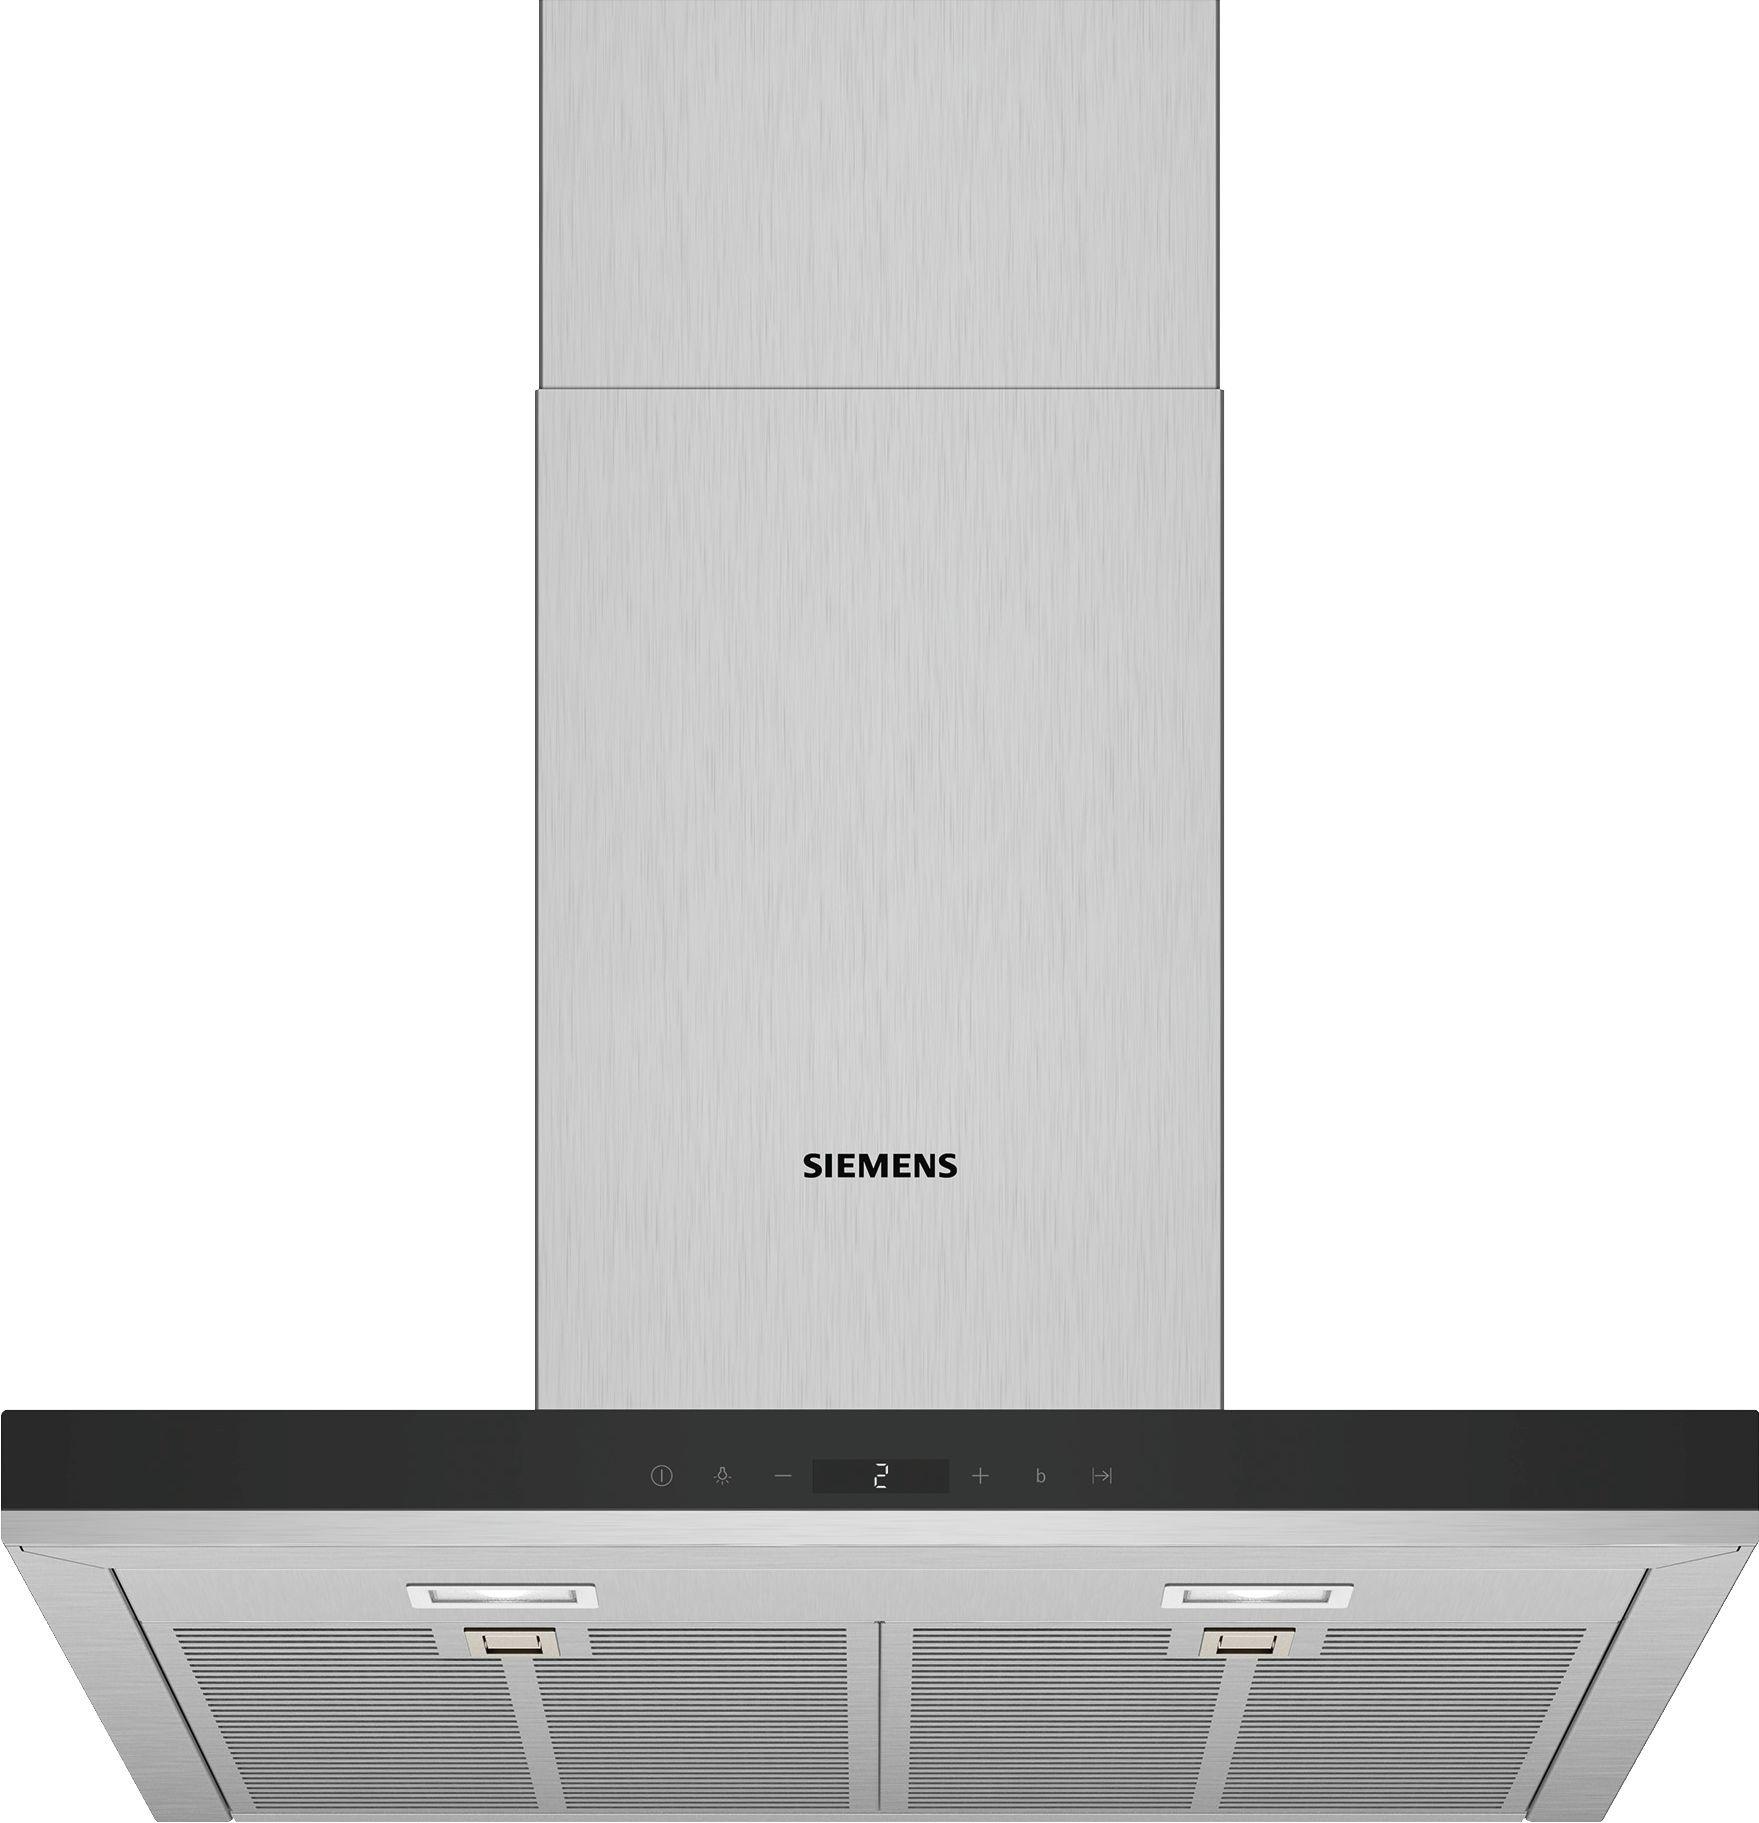 Siemens LC67BIP50 Schouwkap Staal